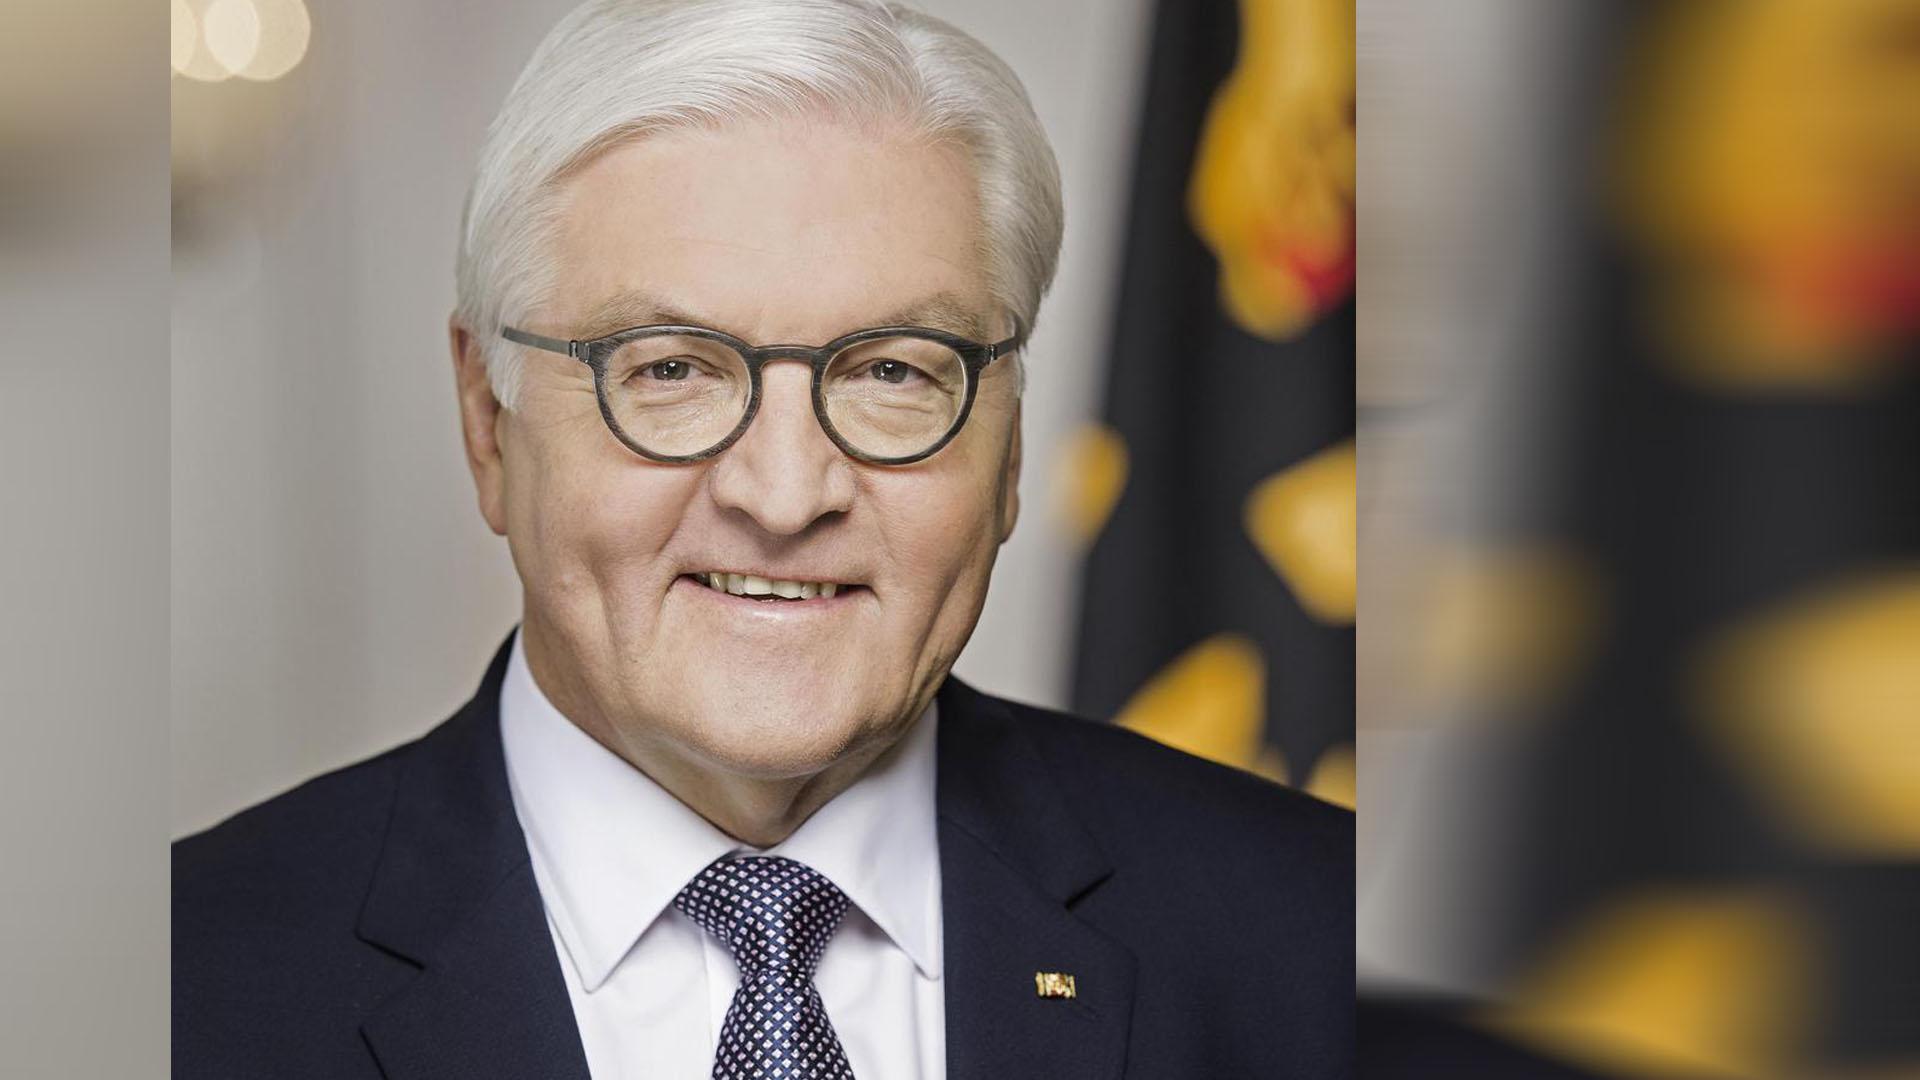 Bundespräsident Steinmeier hat sich zu seinen Glückwünschen an das Mullah-Regime erklärt (Archivbild)